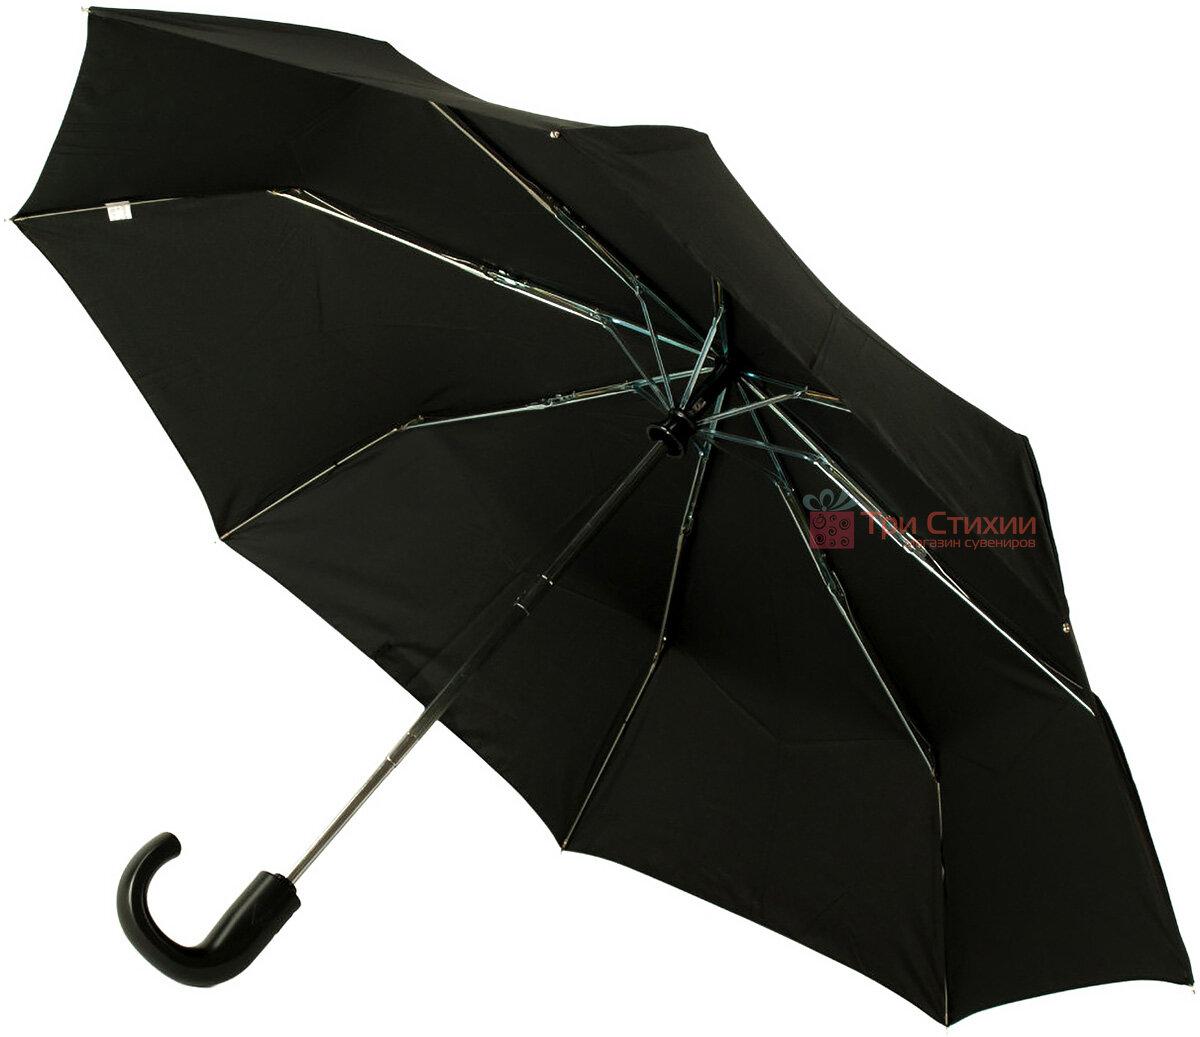 Зонт складной Fulton Open & Close-11 G820 Black полный автомат Черный (G820-003152), фото 3